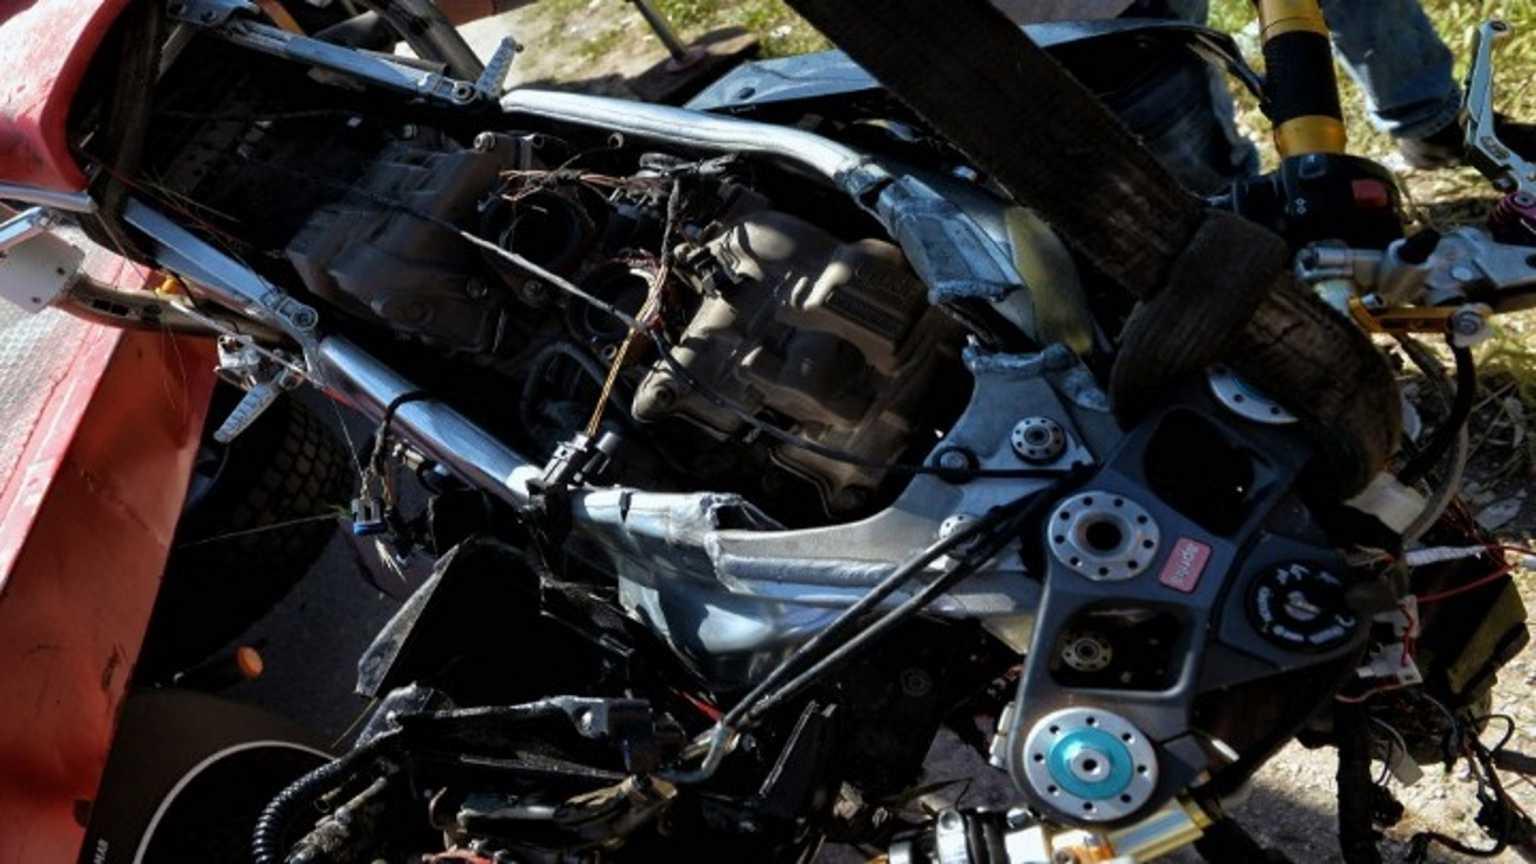 Ηράκλειο: Νεκρός ένας 26χρονος οδηγός μηχανής – «Καρφώθηκε» σε δέντρο